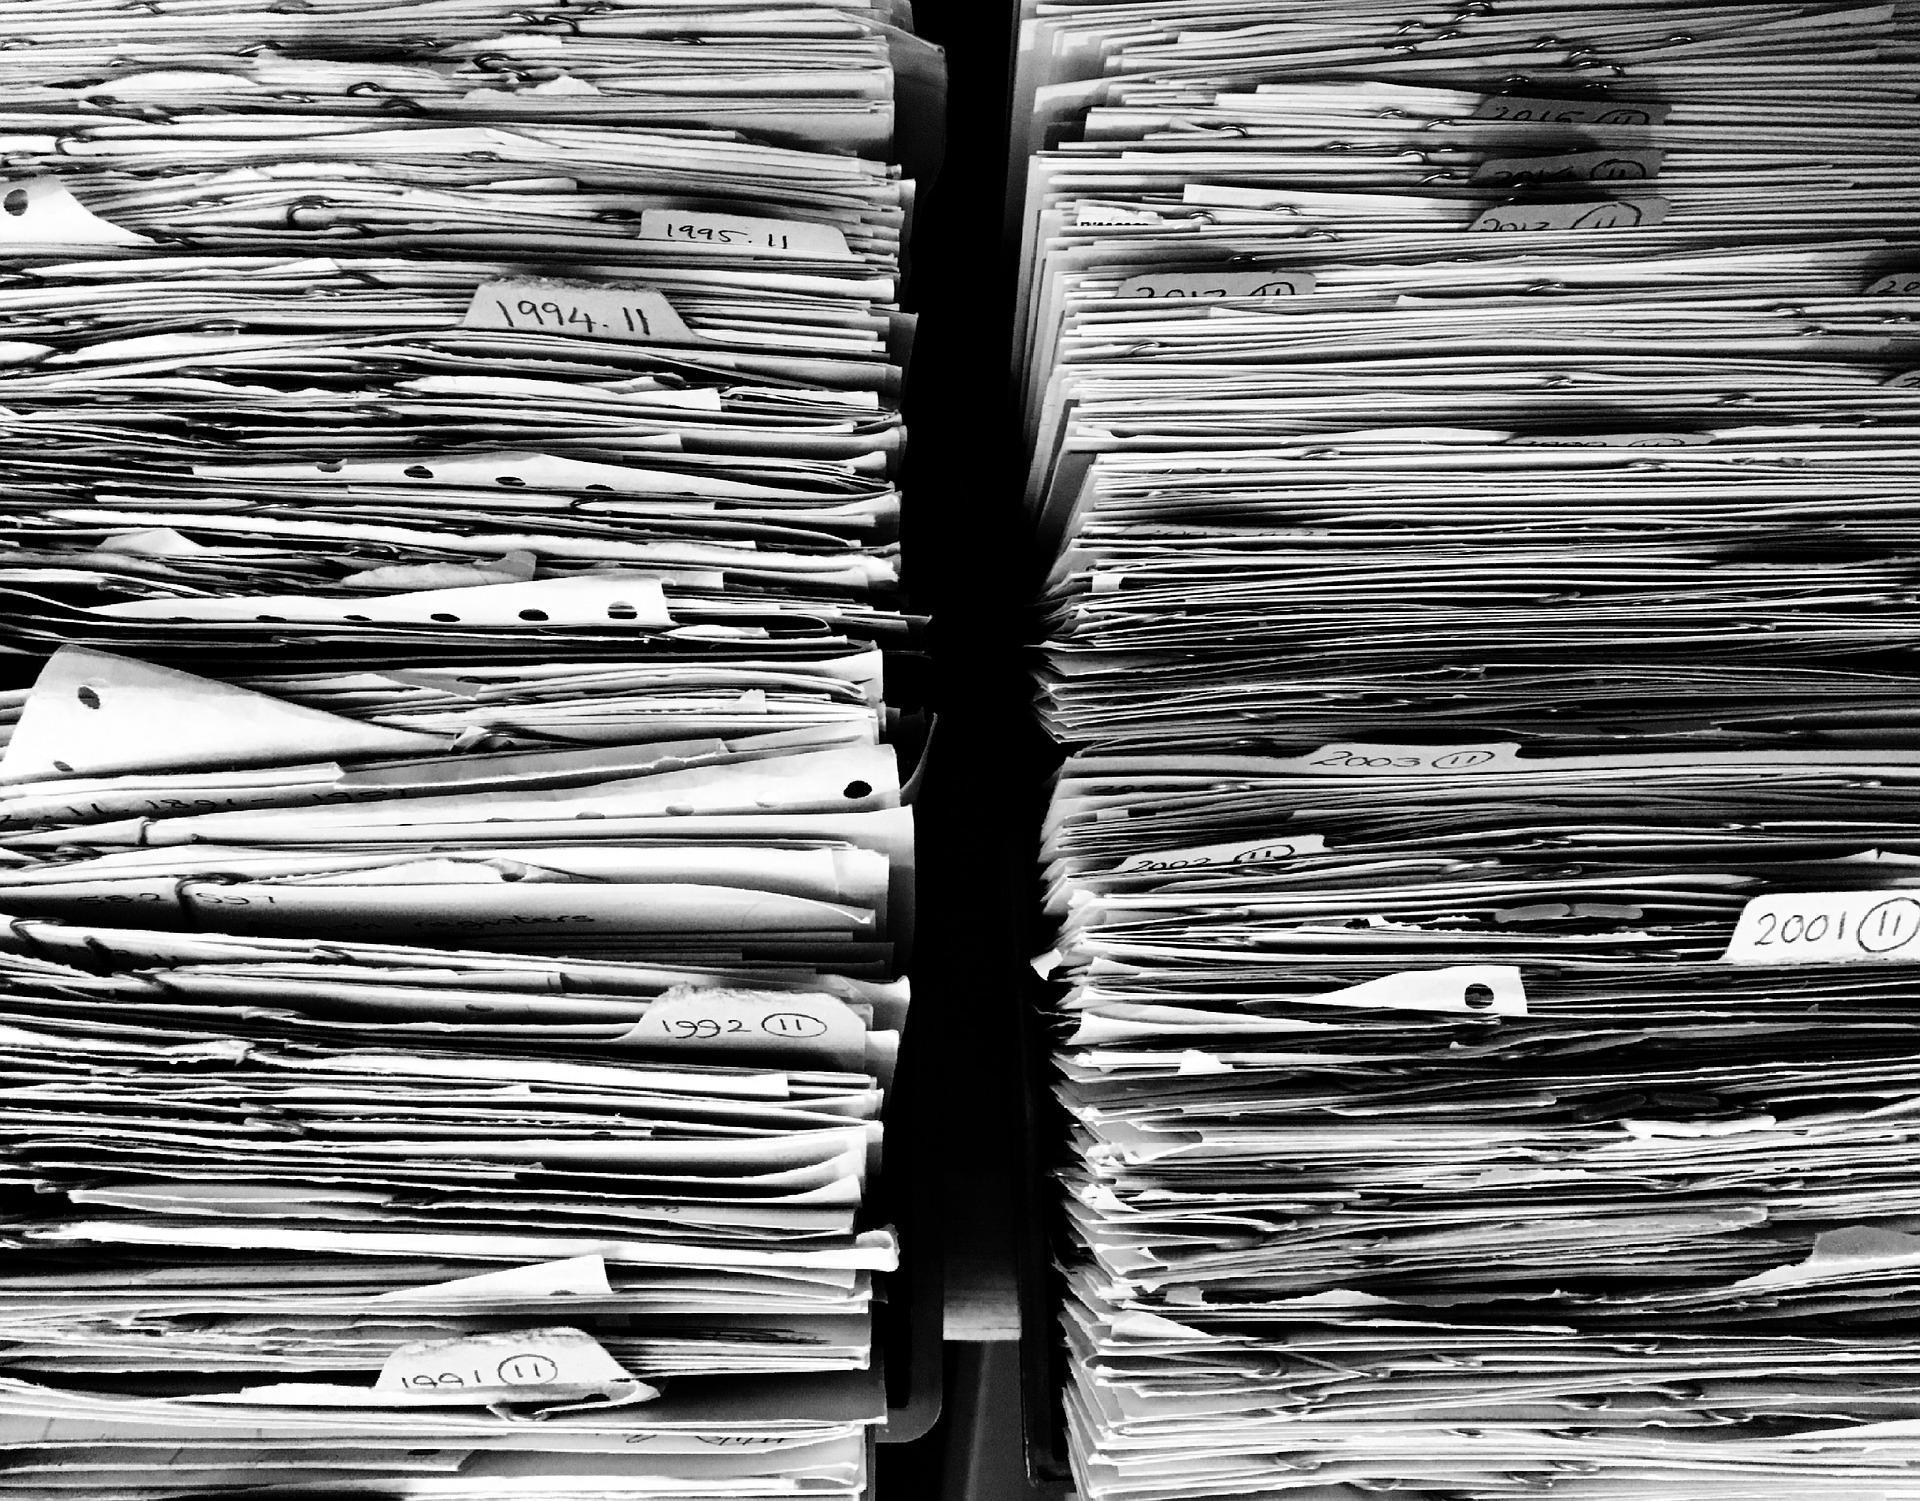 Frühere Vermögensauskunft des Schuldners - und die unrichtige Sachbehandlung des Gerichtsvollziehers